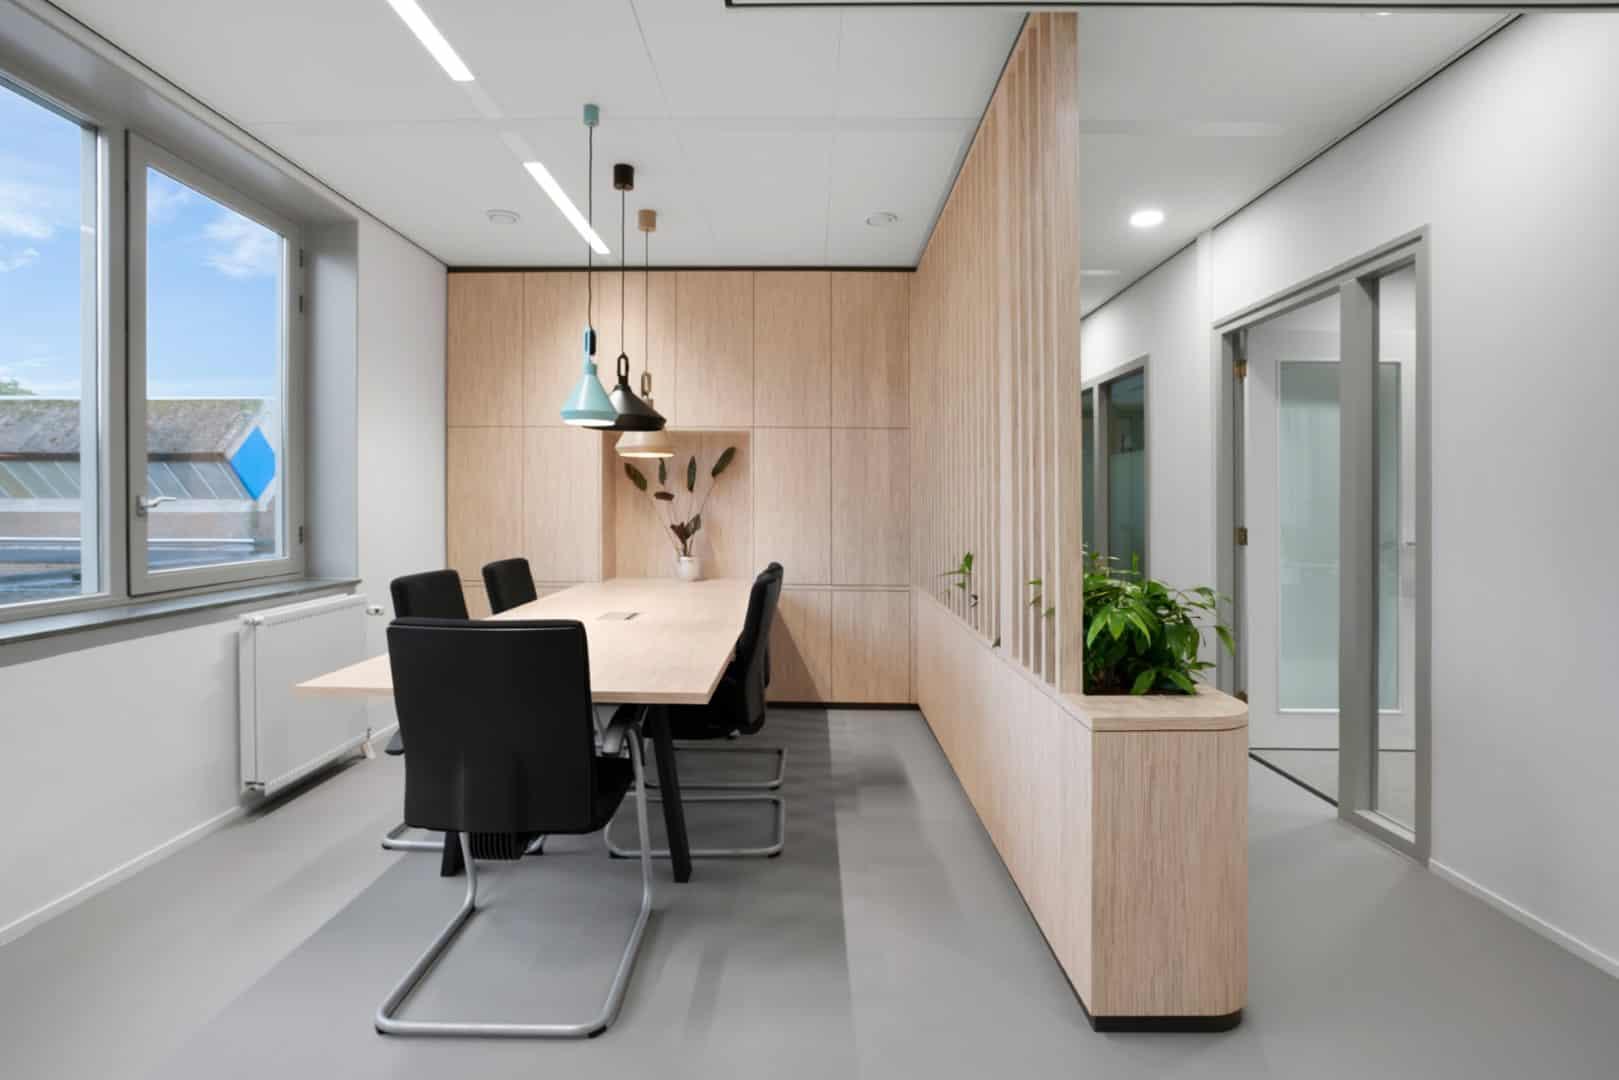 Adrichem Interieurbouw Amsterdam - Zonova vergadertafel